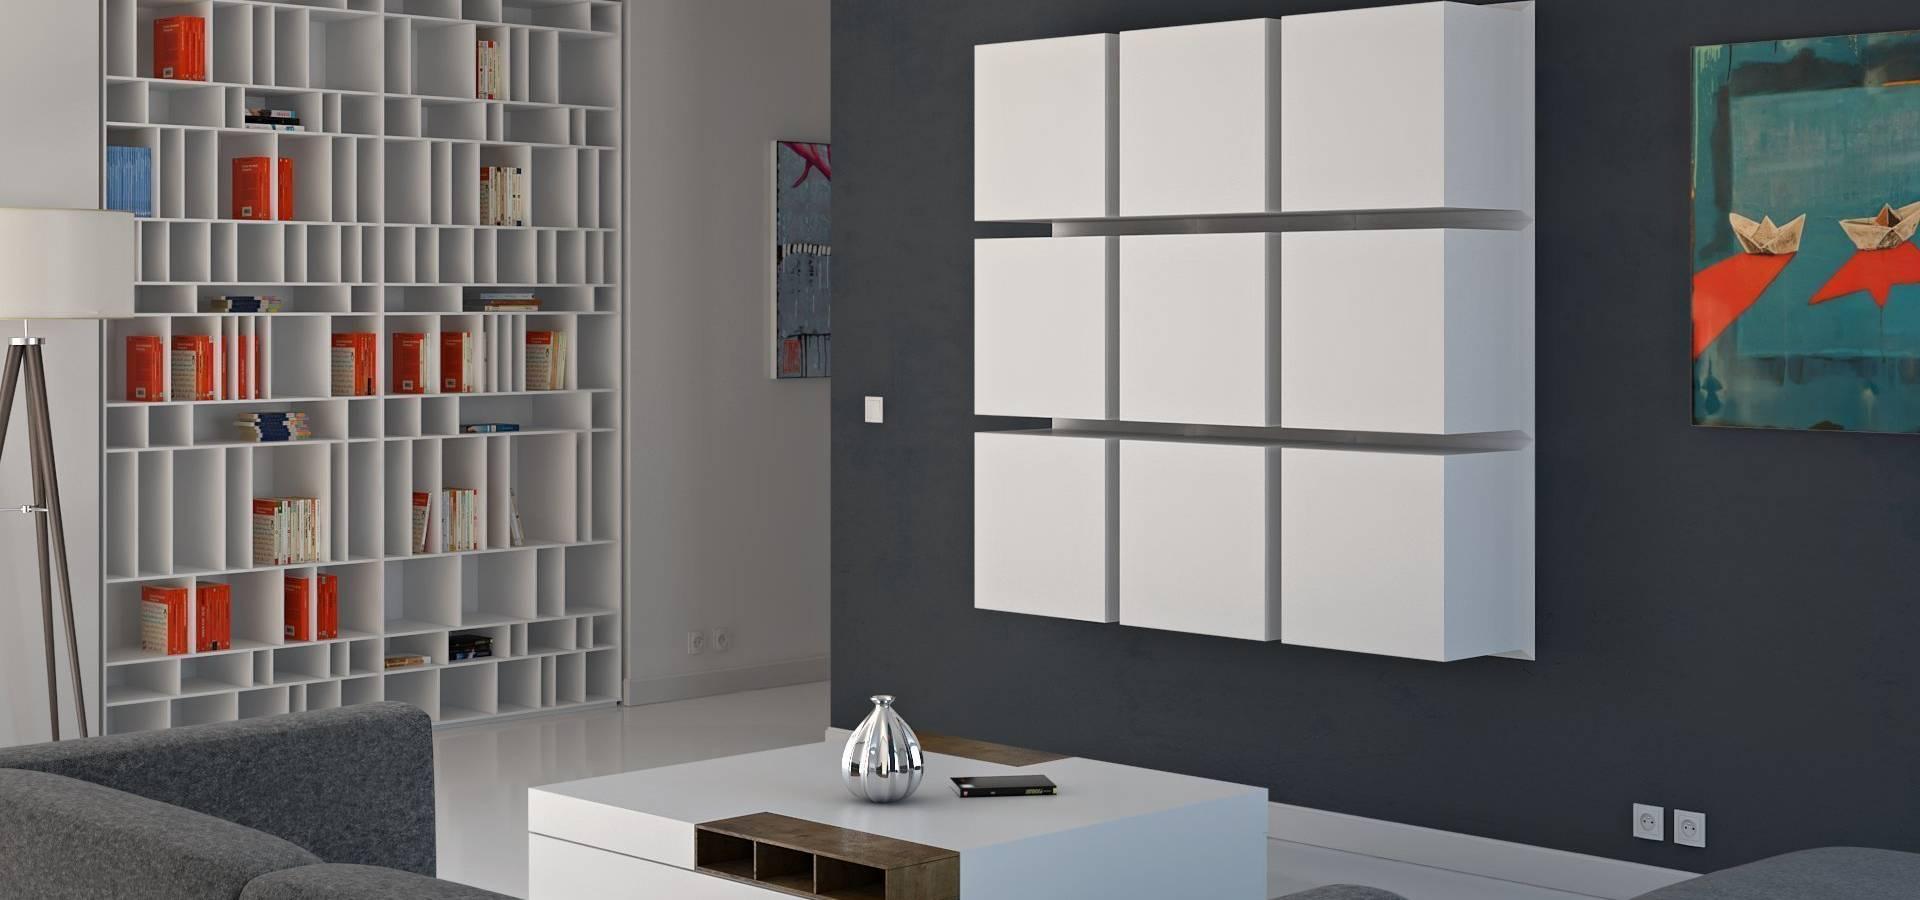 Le Pukka Concept Store